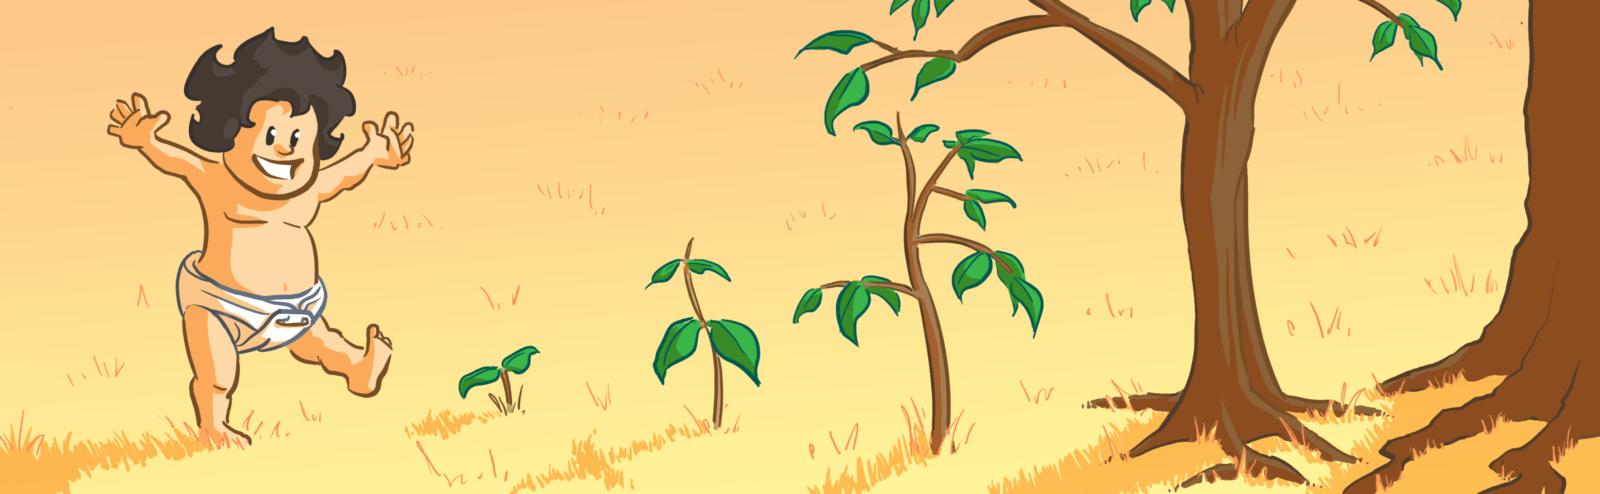 Santé enfants environnement - Par où commencer en santé environnementale pour parents - les premiers pas d'un bébé